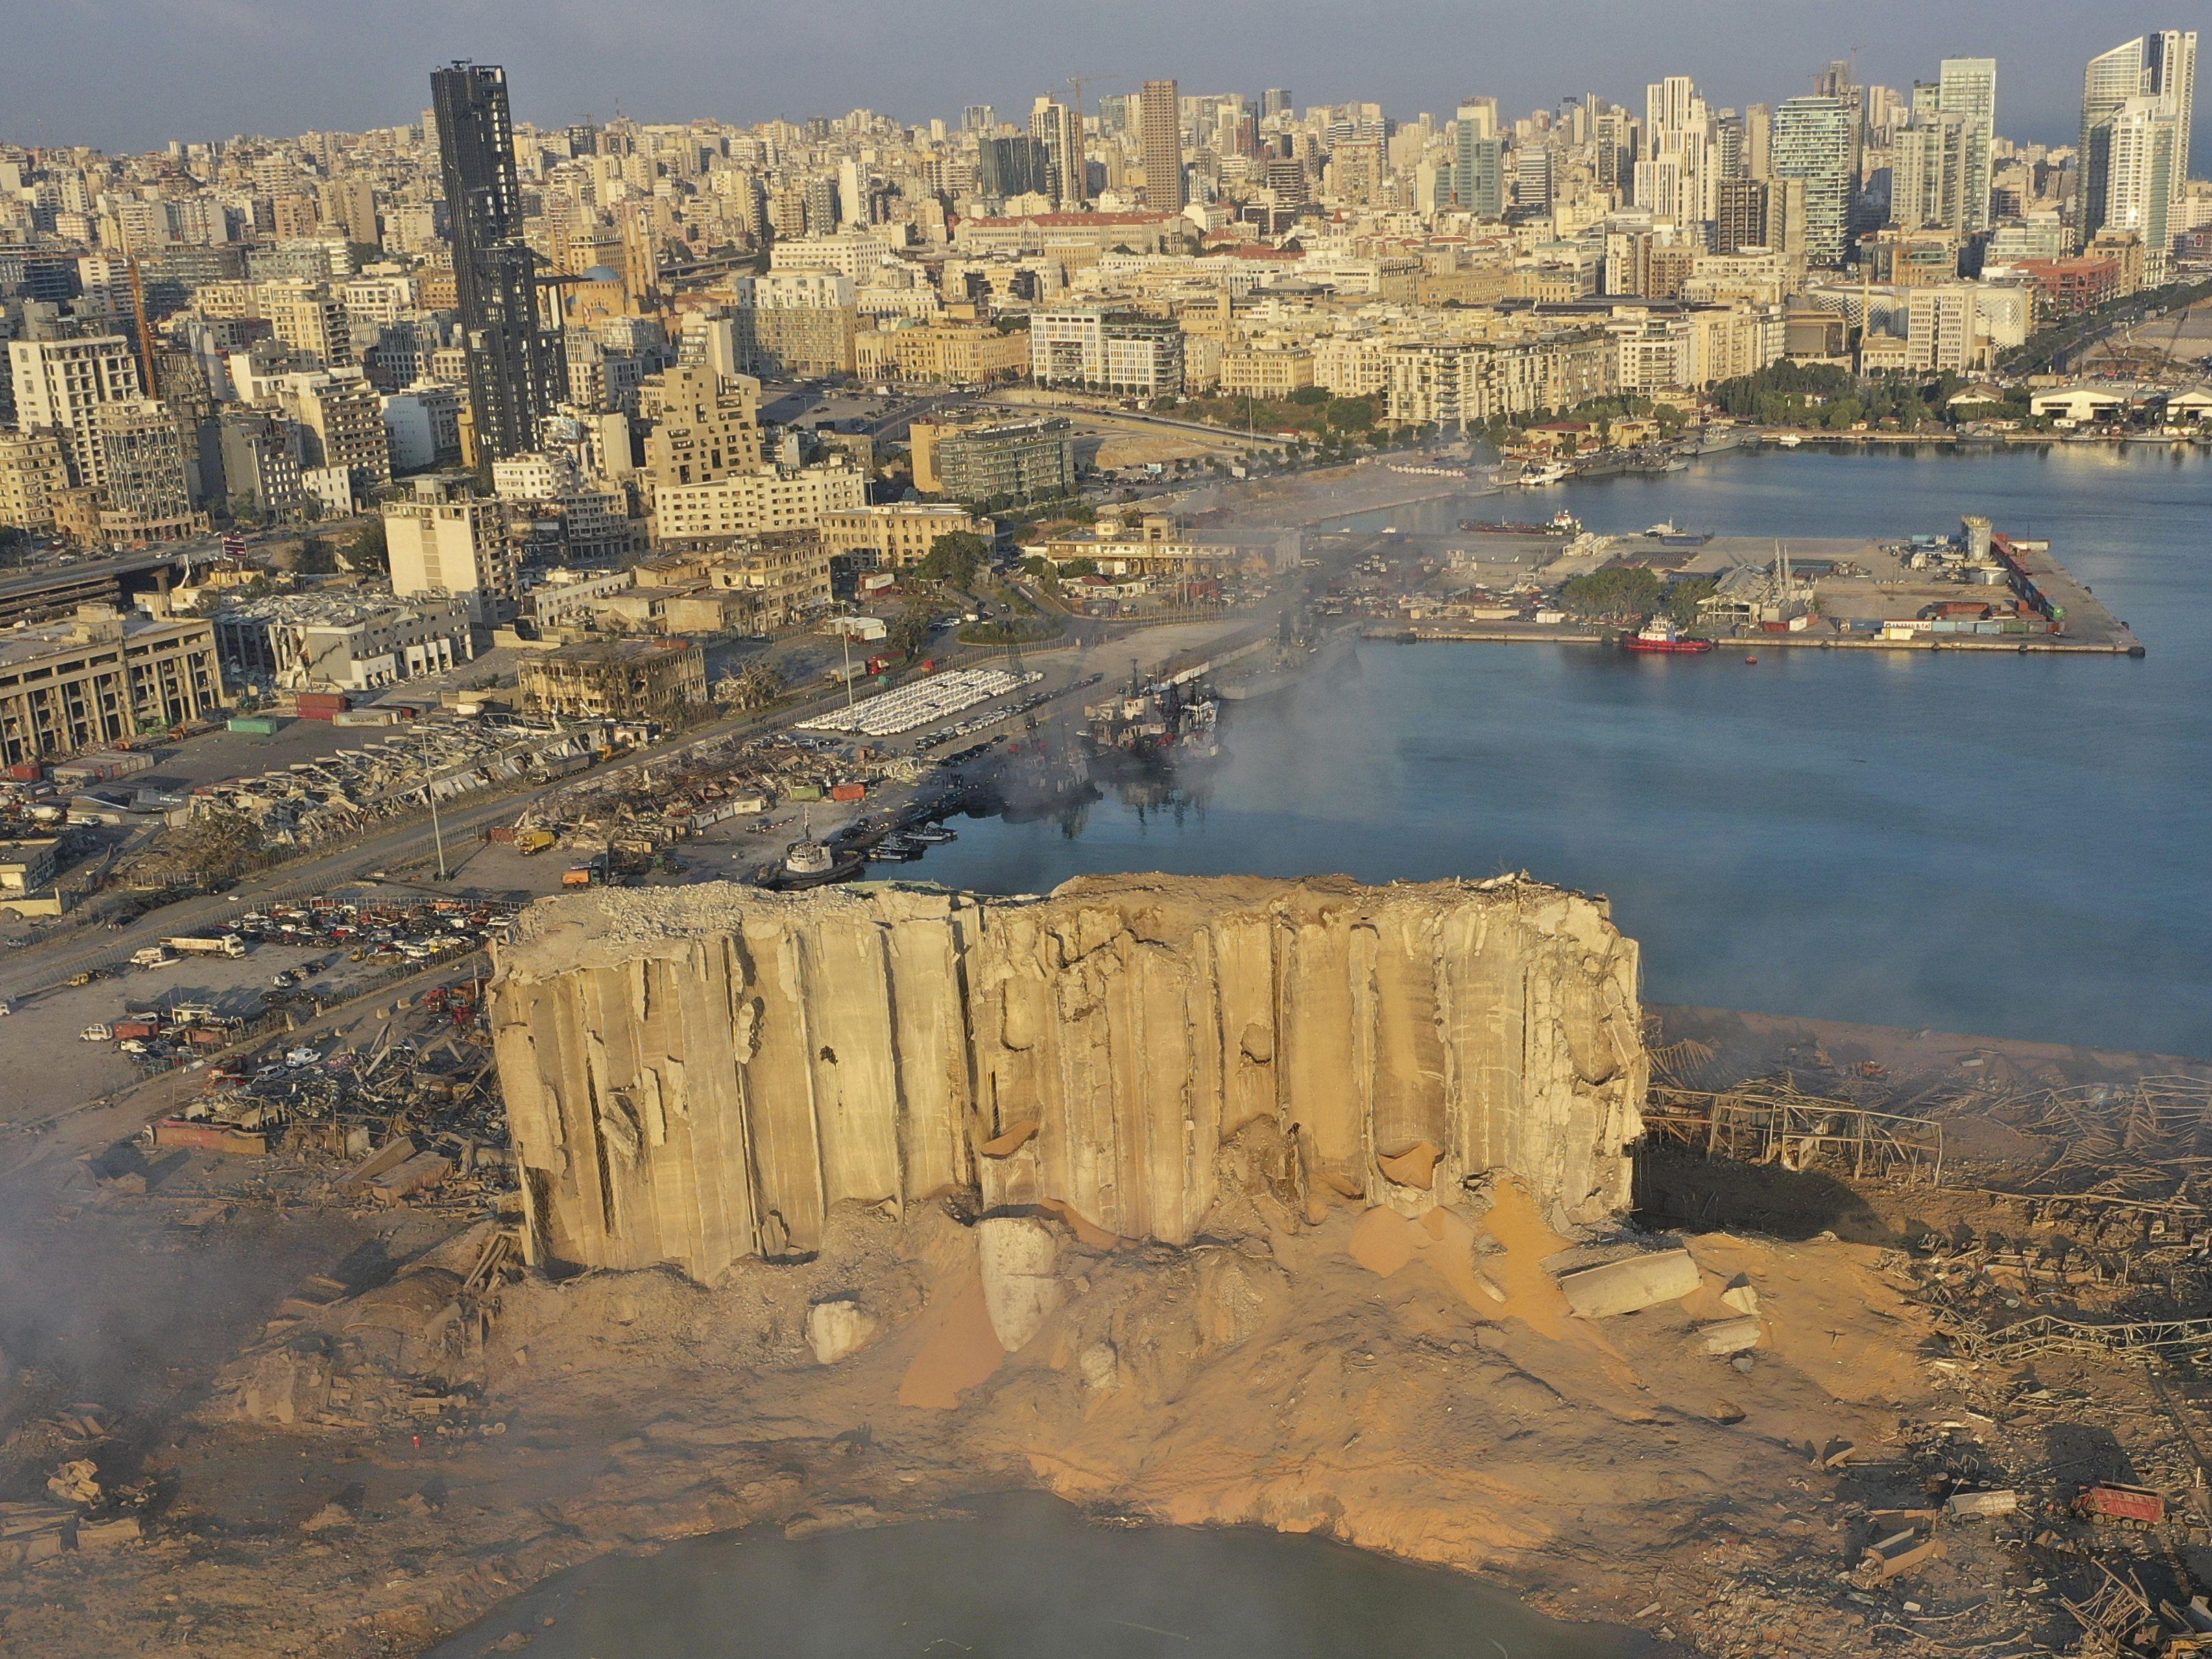 Lebanese confront devastation after massive Beirut explosion